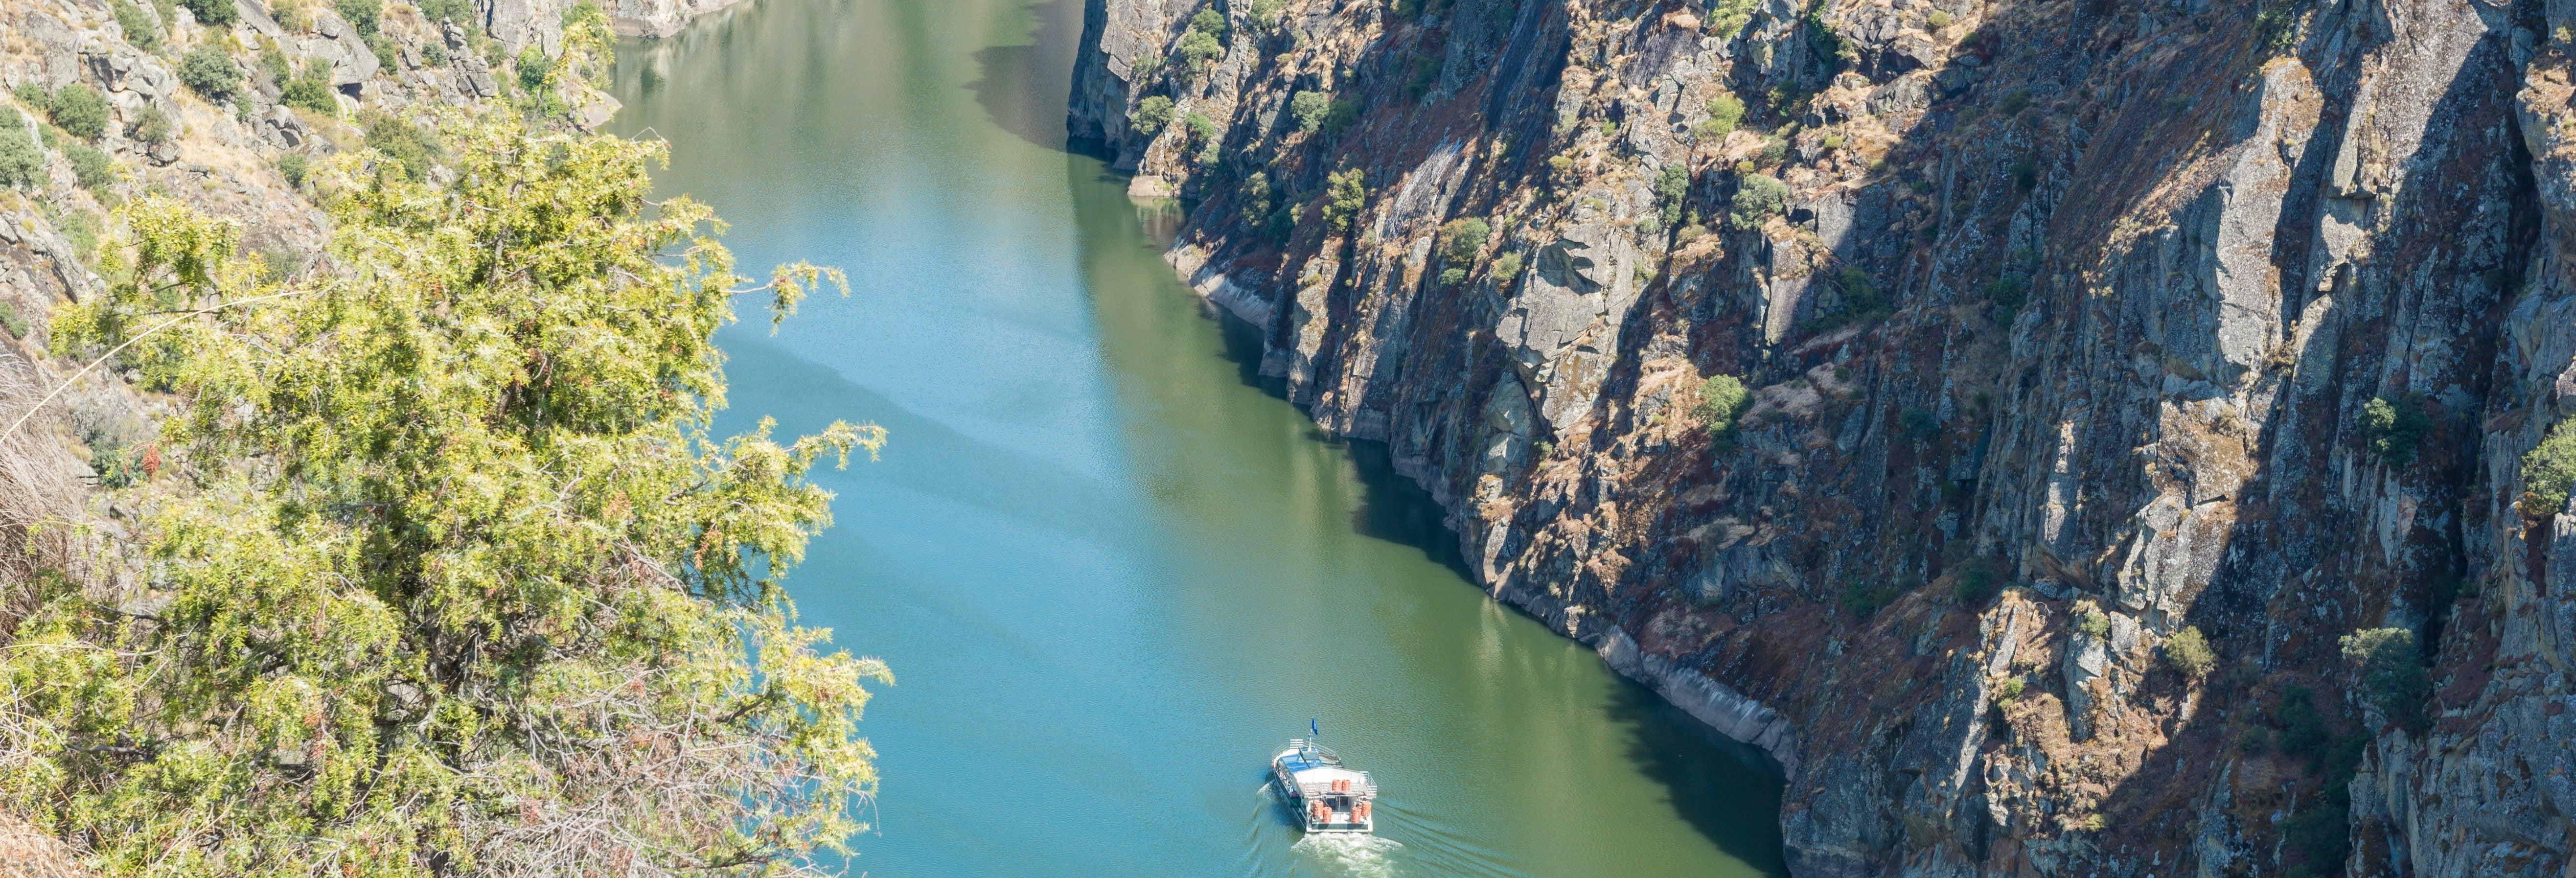 Giro in barca al Parco Nazionale Arribas do Douro